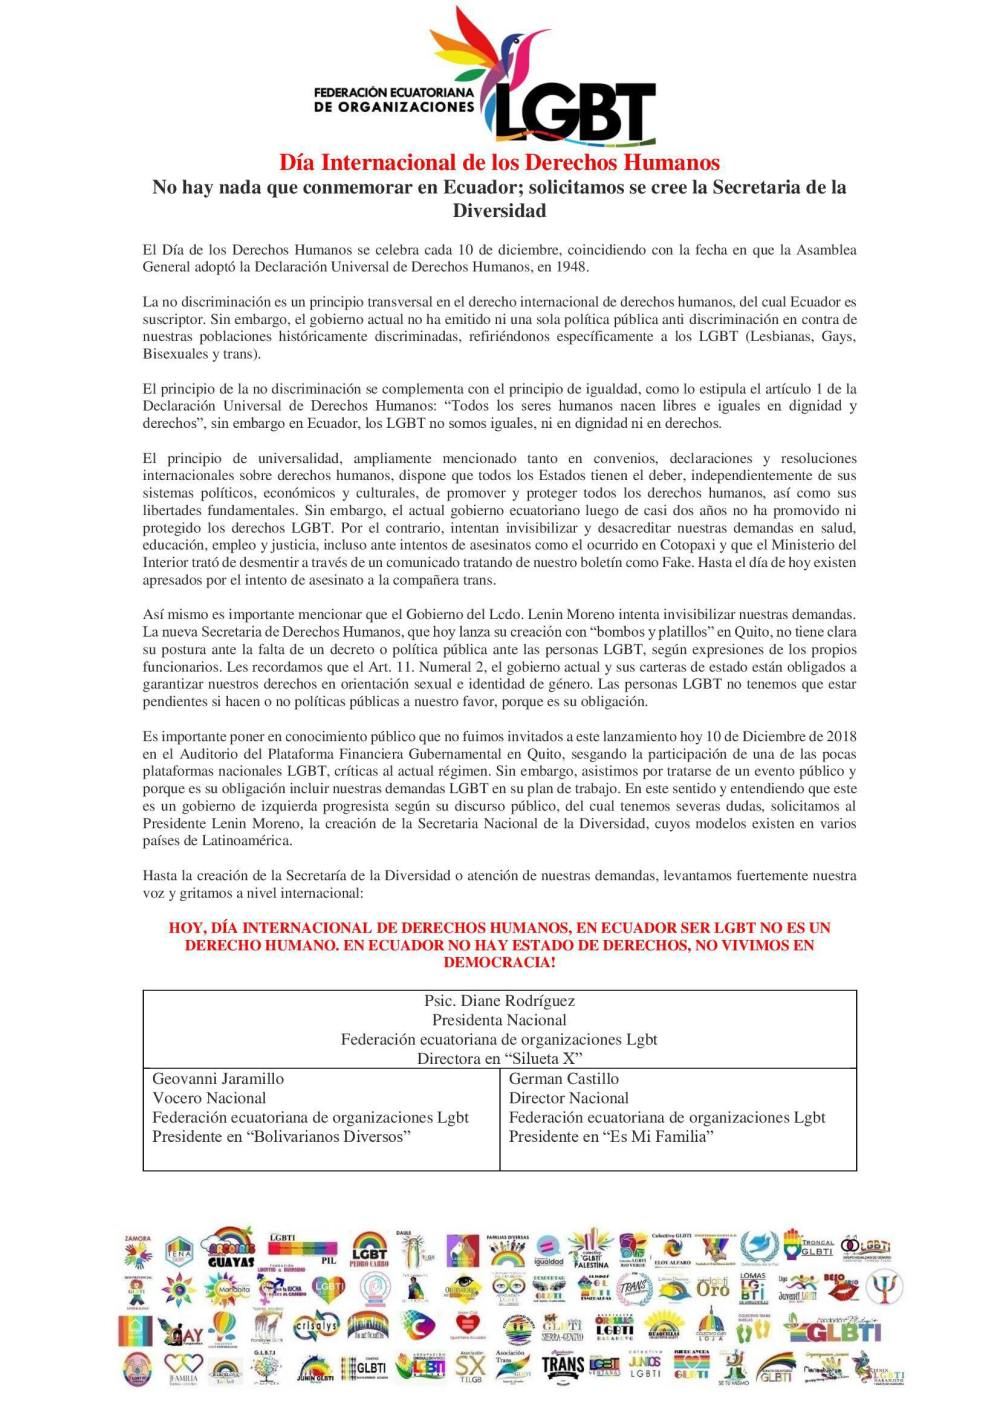 silueta x- federacion ecuatoriana de organizaciones lgbt- diane rodriguez- revolucion trans.jpg